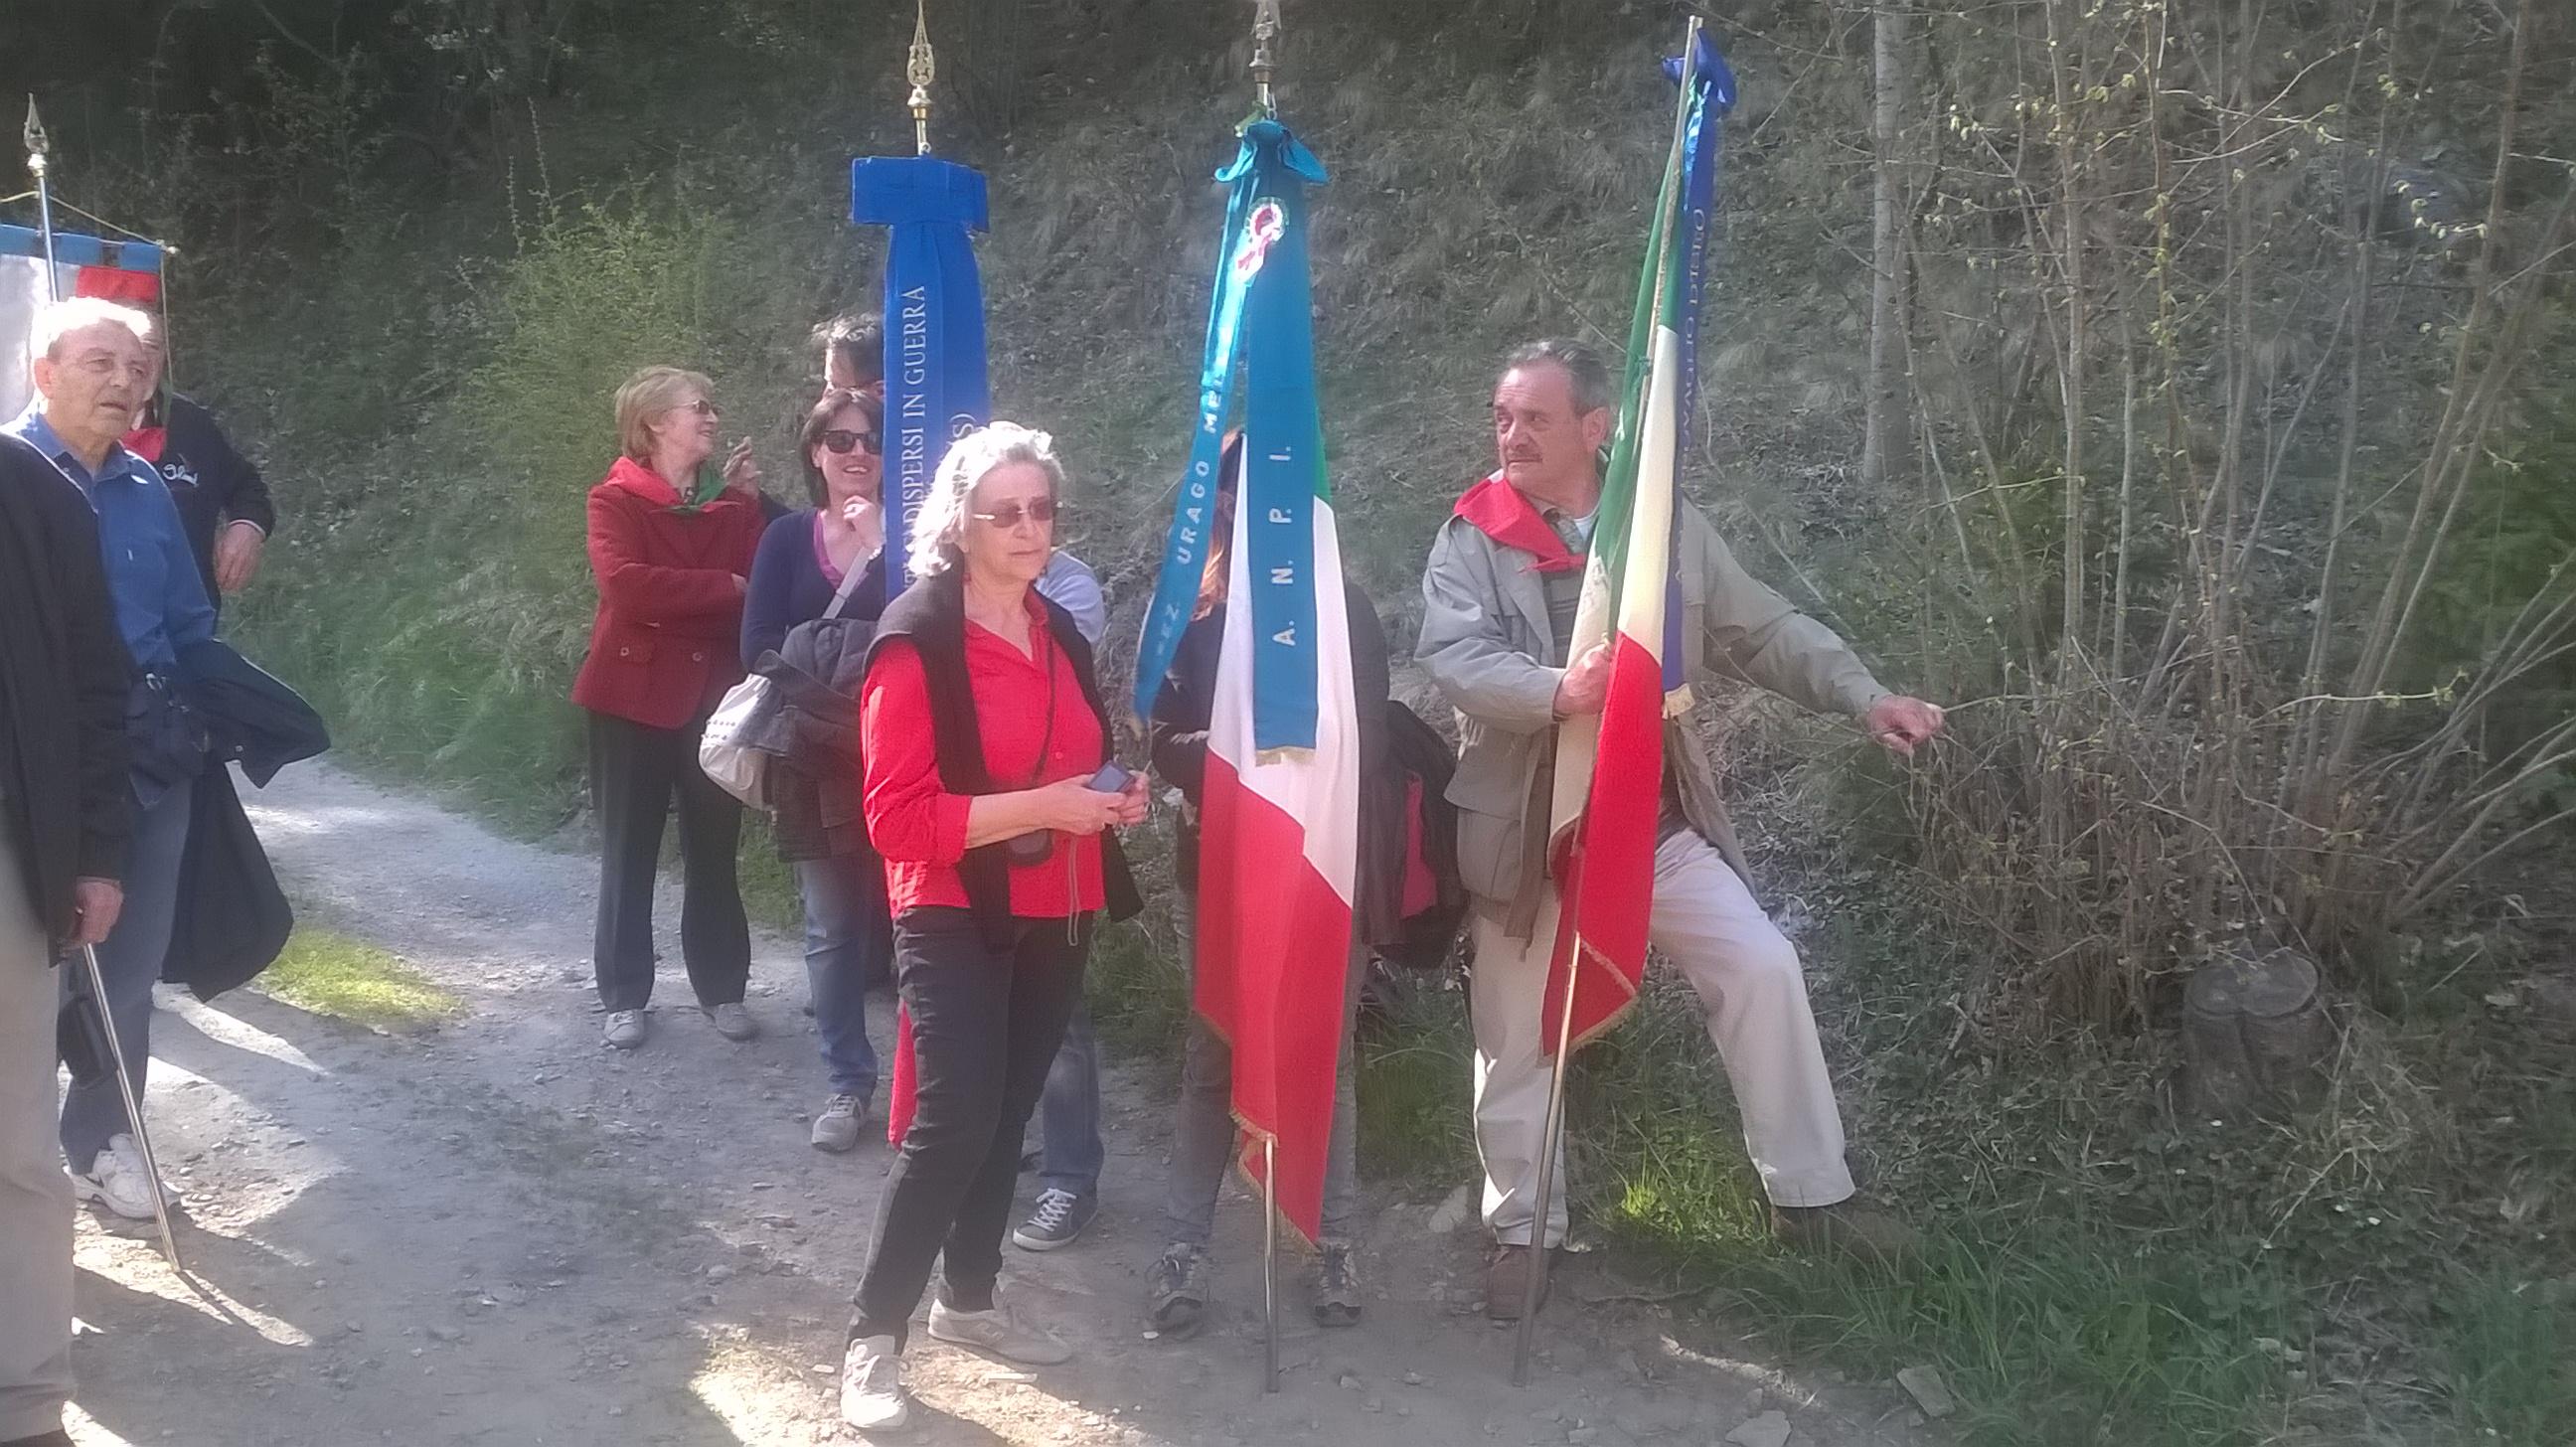 inaugurazione Bacheca Menici_Corteno24 aprile 2015_07.jpg